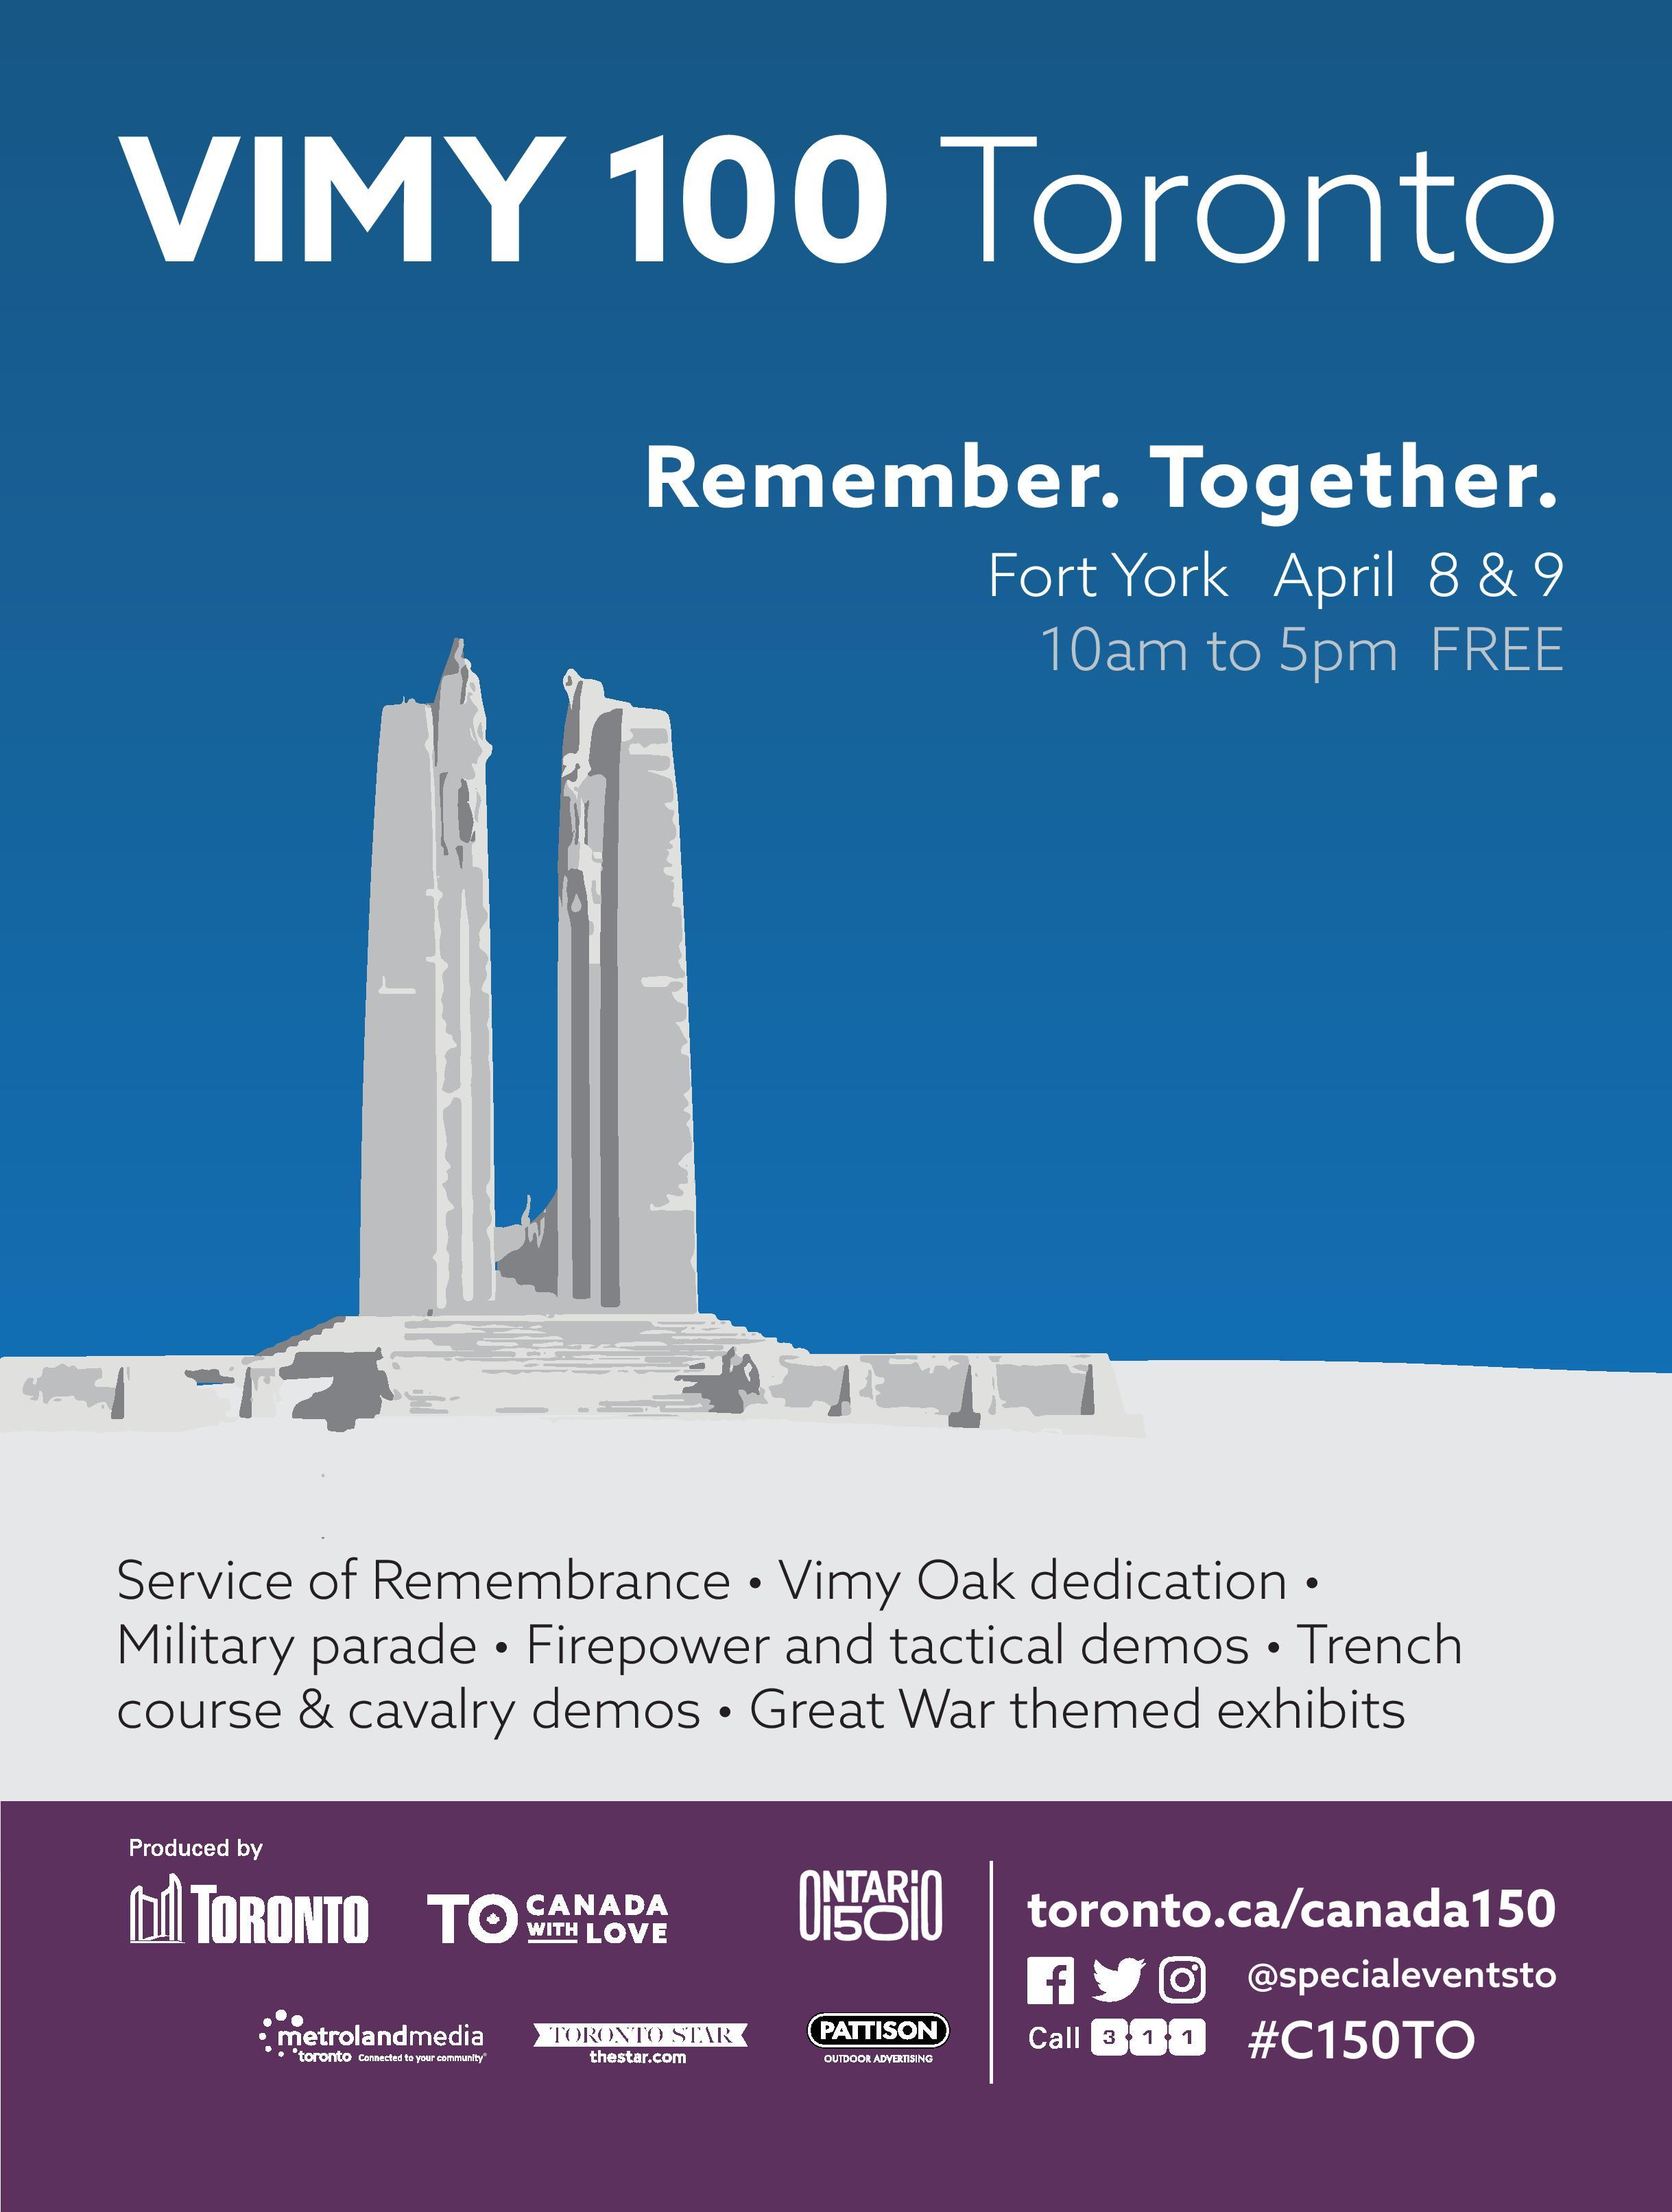 April 8 & 9, Toronto, ON - VIMY 100 Toronto